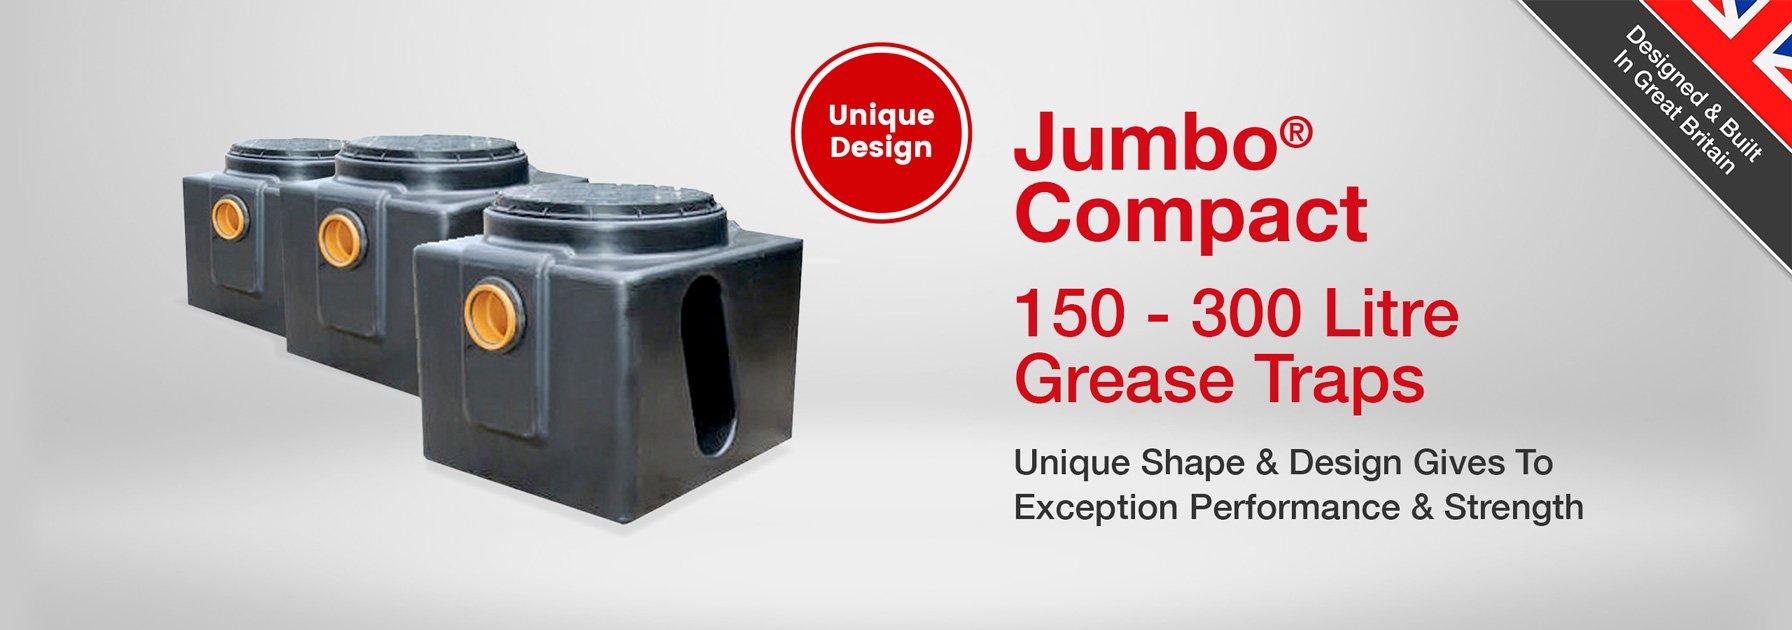 Jumbo-Compact